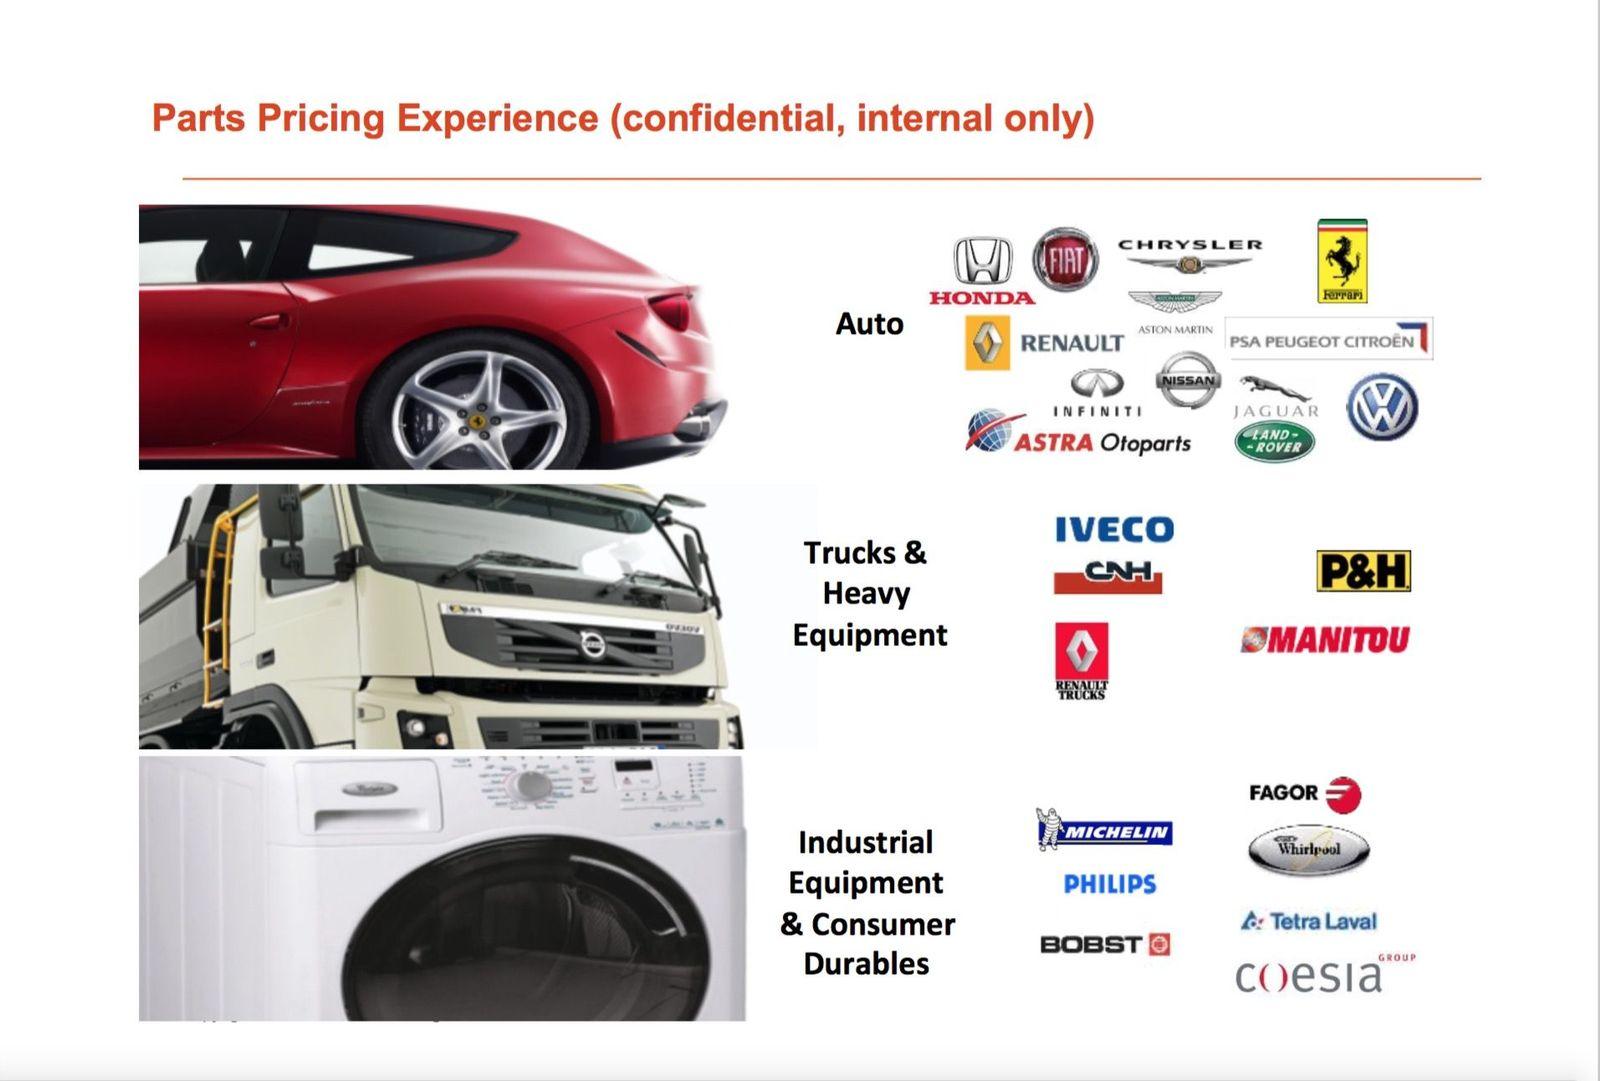 EINMALIGE VERWENDUNG NUR ALS ZITAT / Accenture / Volvo